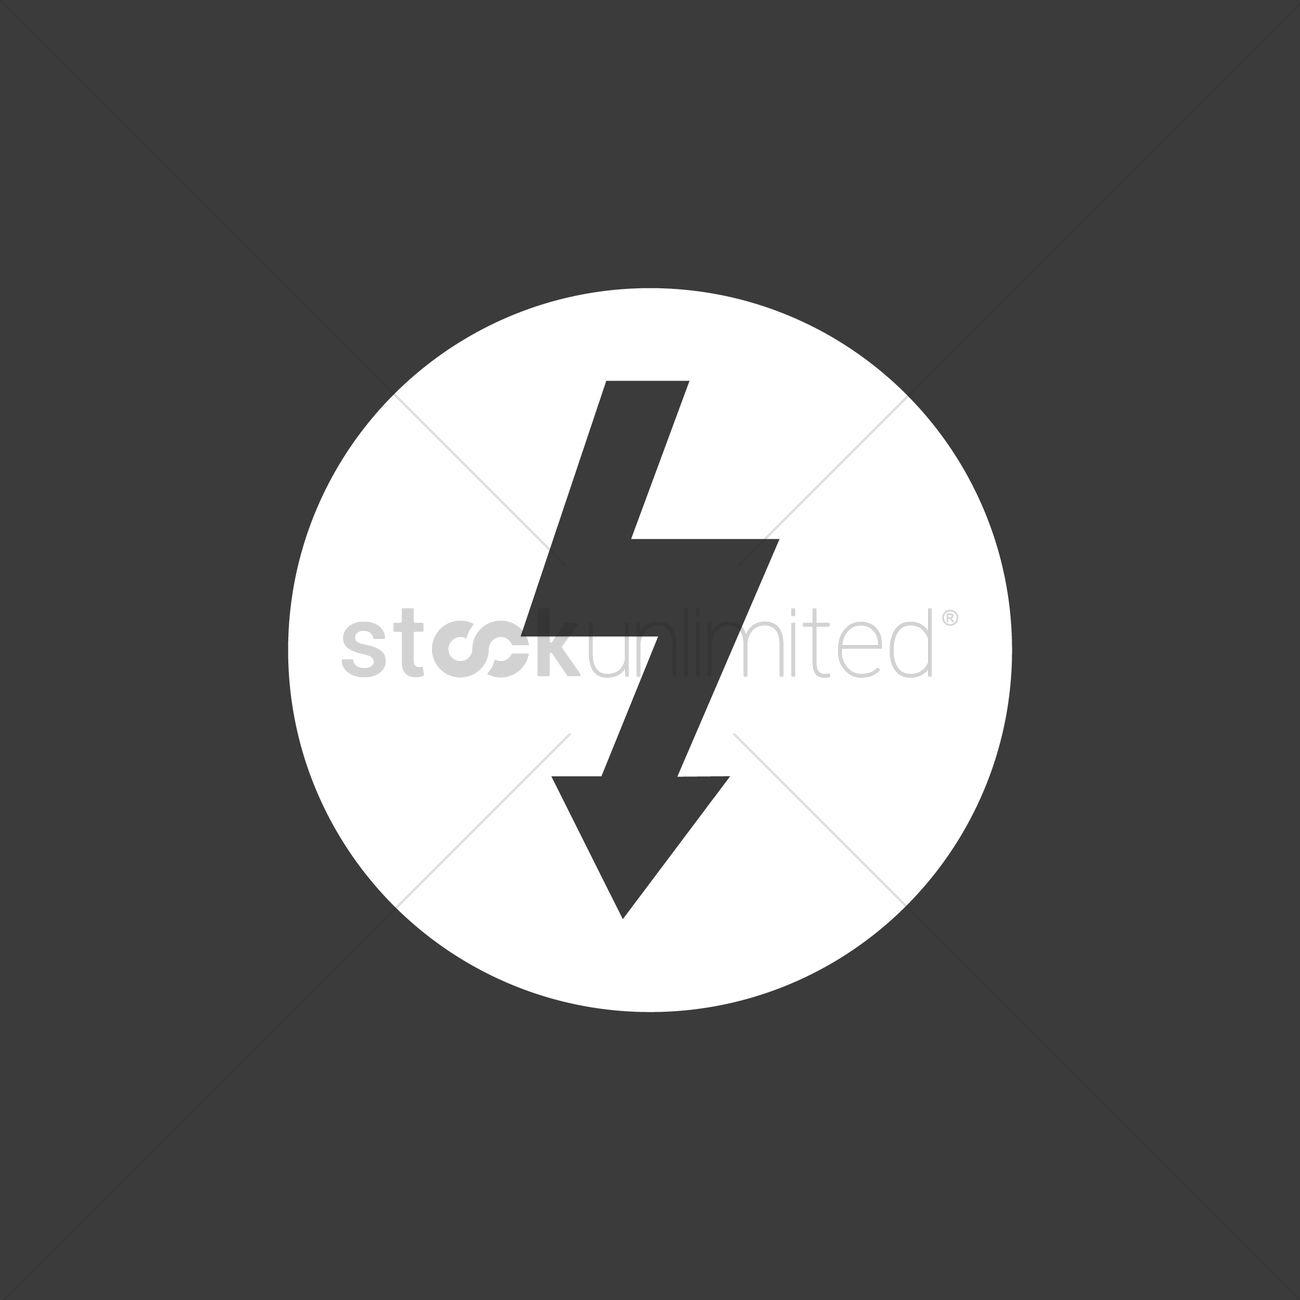 High voltage symbol vector image 2029537 stockunlimited high voltage symbol vector graphic buycottarizona